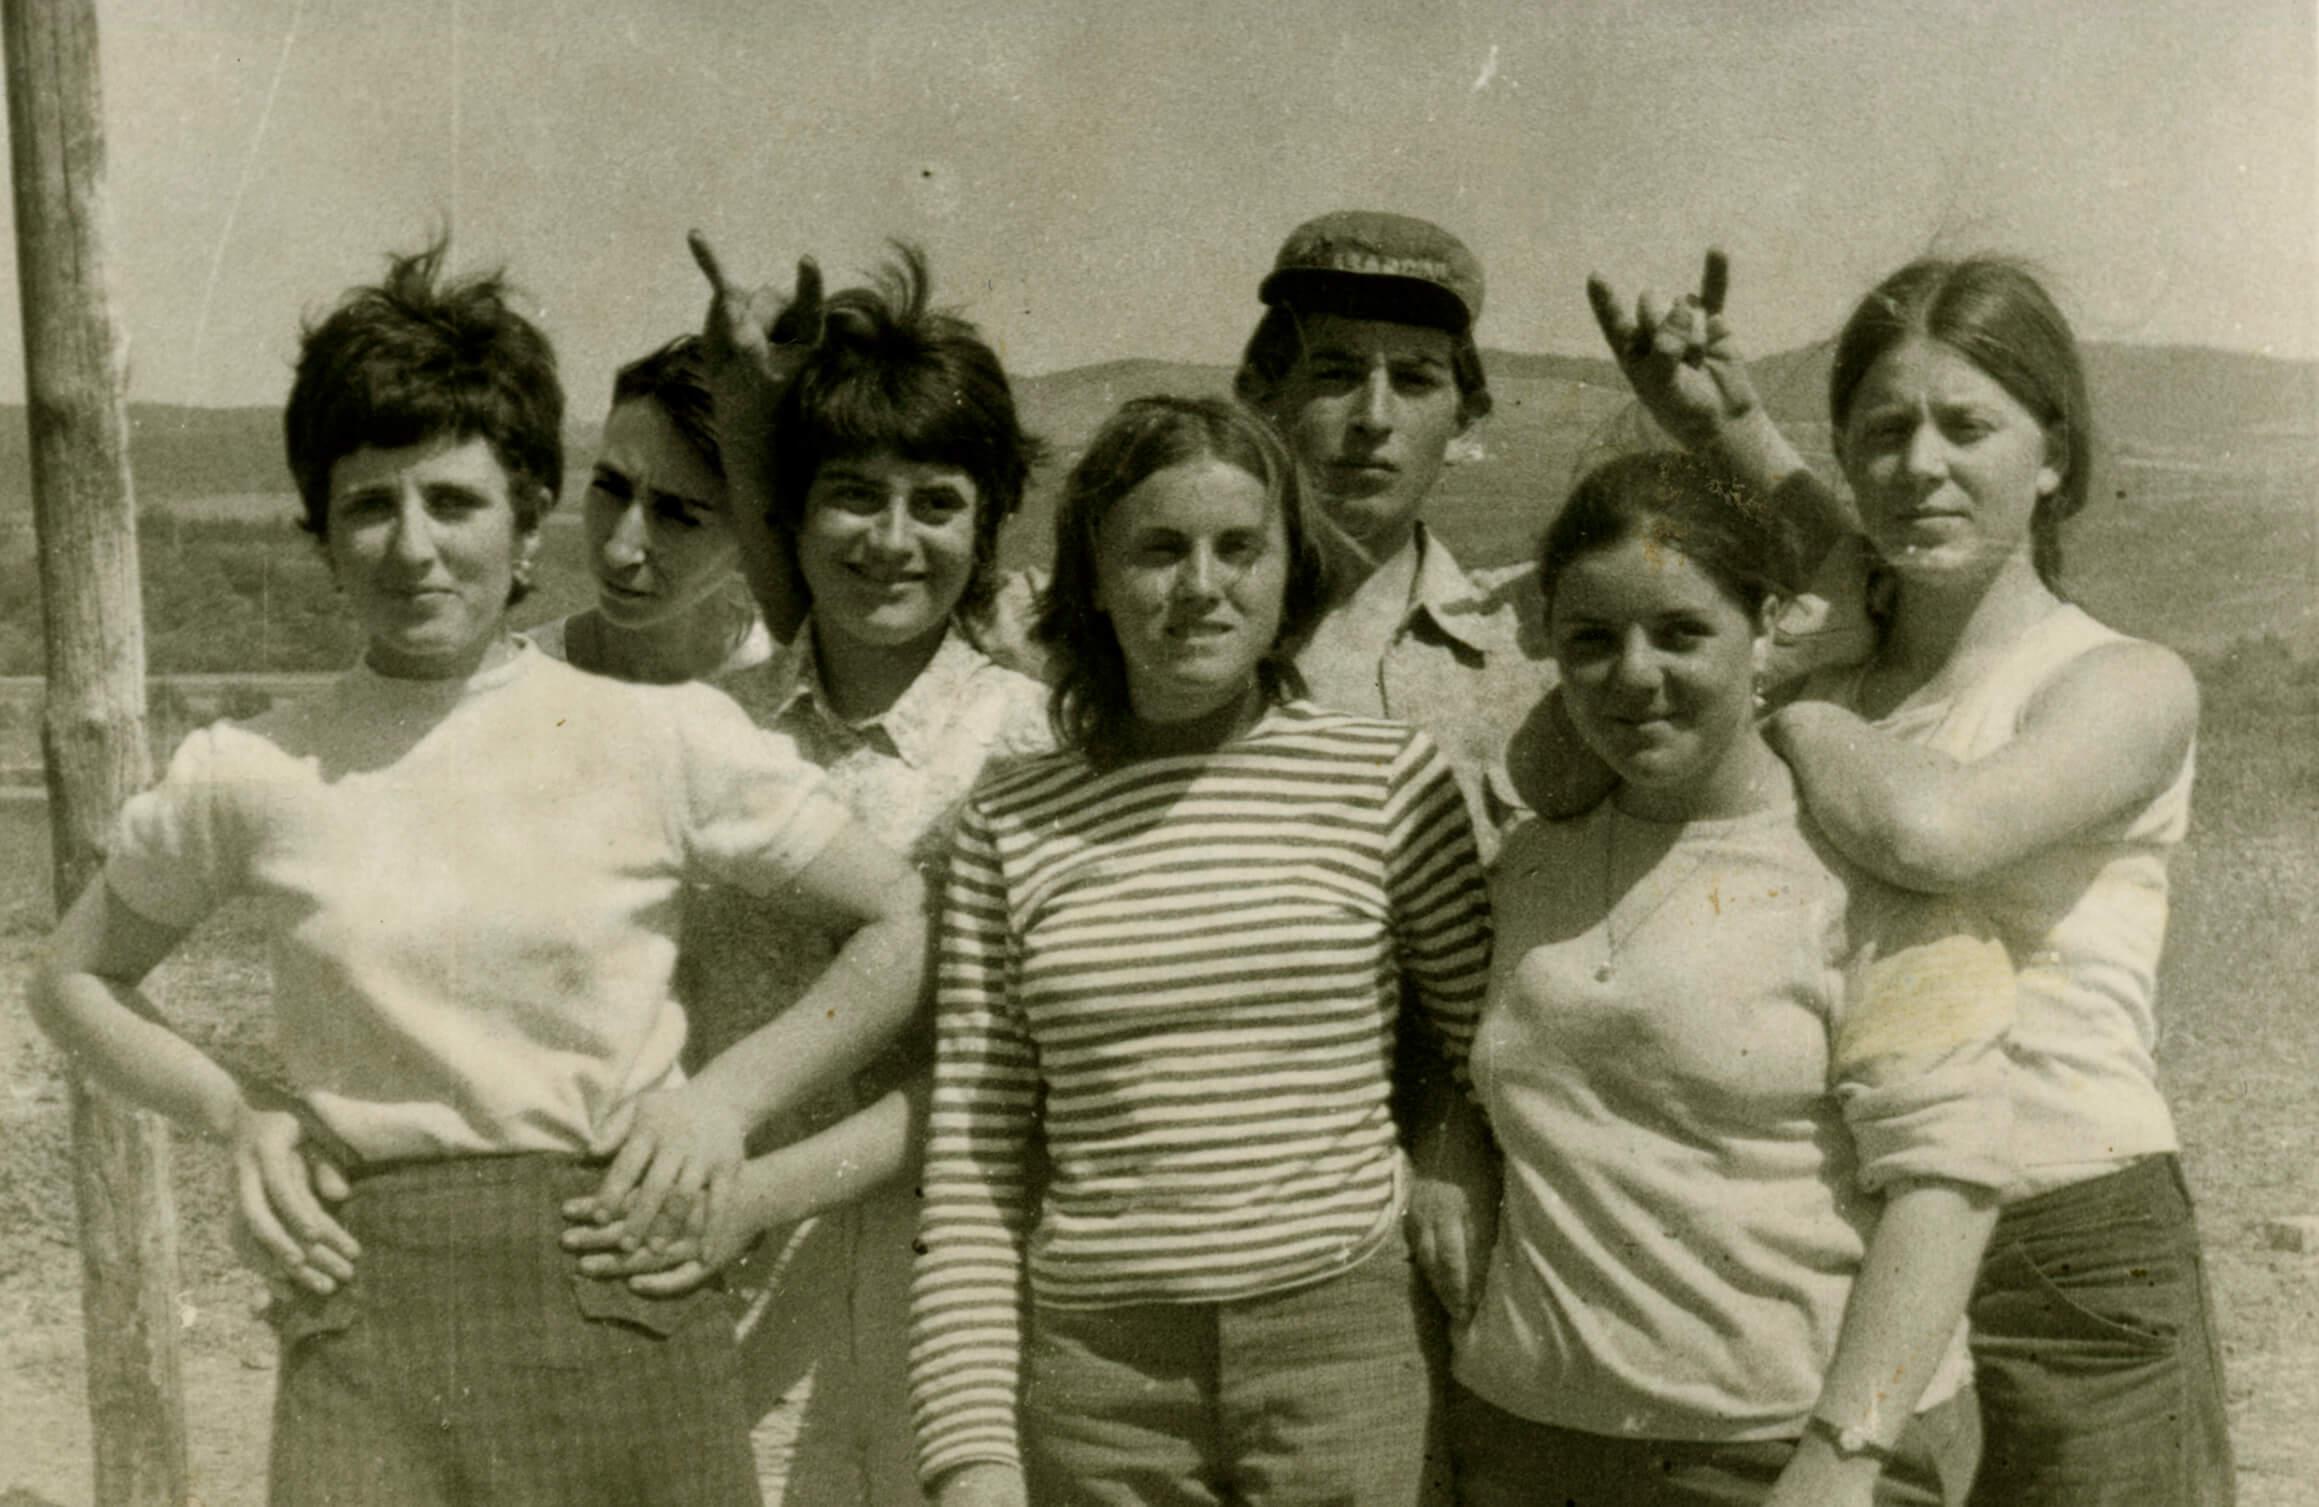 Moira Ricci, <em>20.12.53-10.08.04</em> (maman avec oncle Gianni et quelques amies), 2004-2014